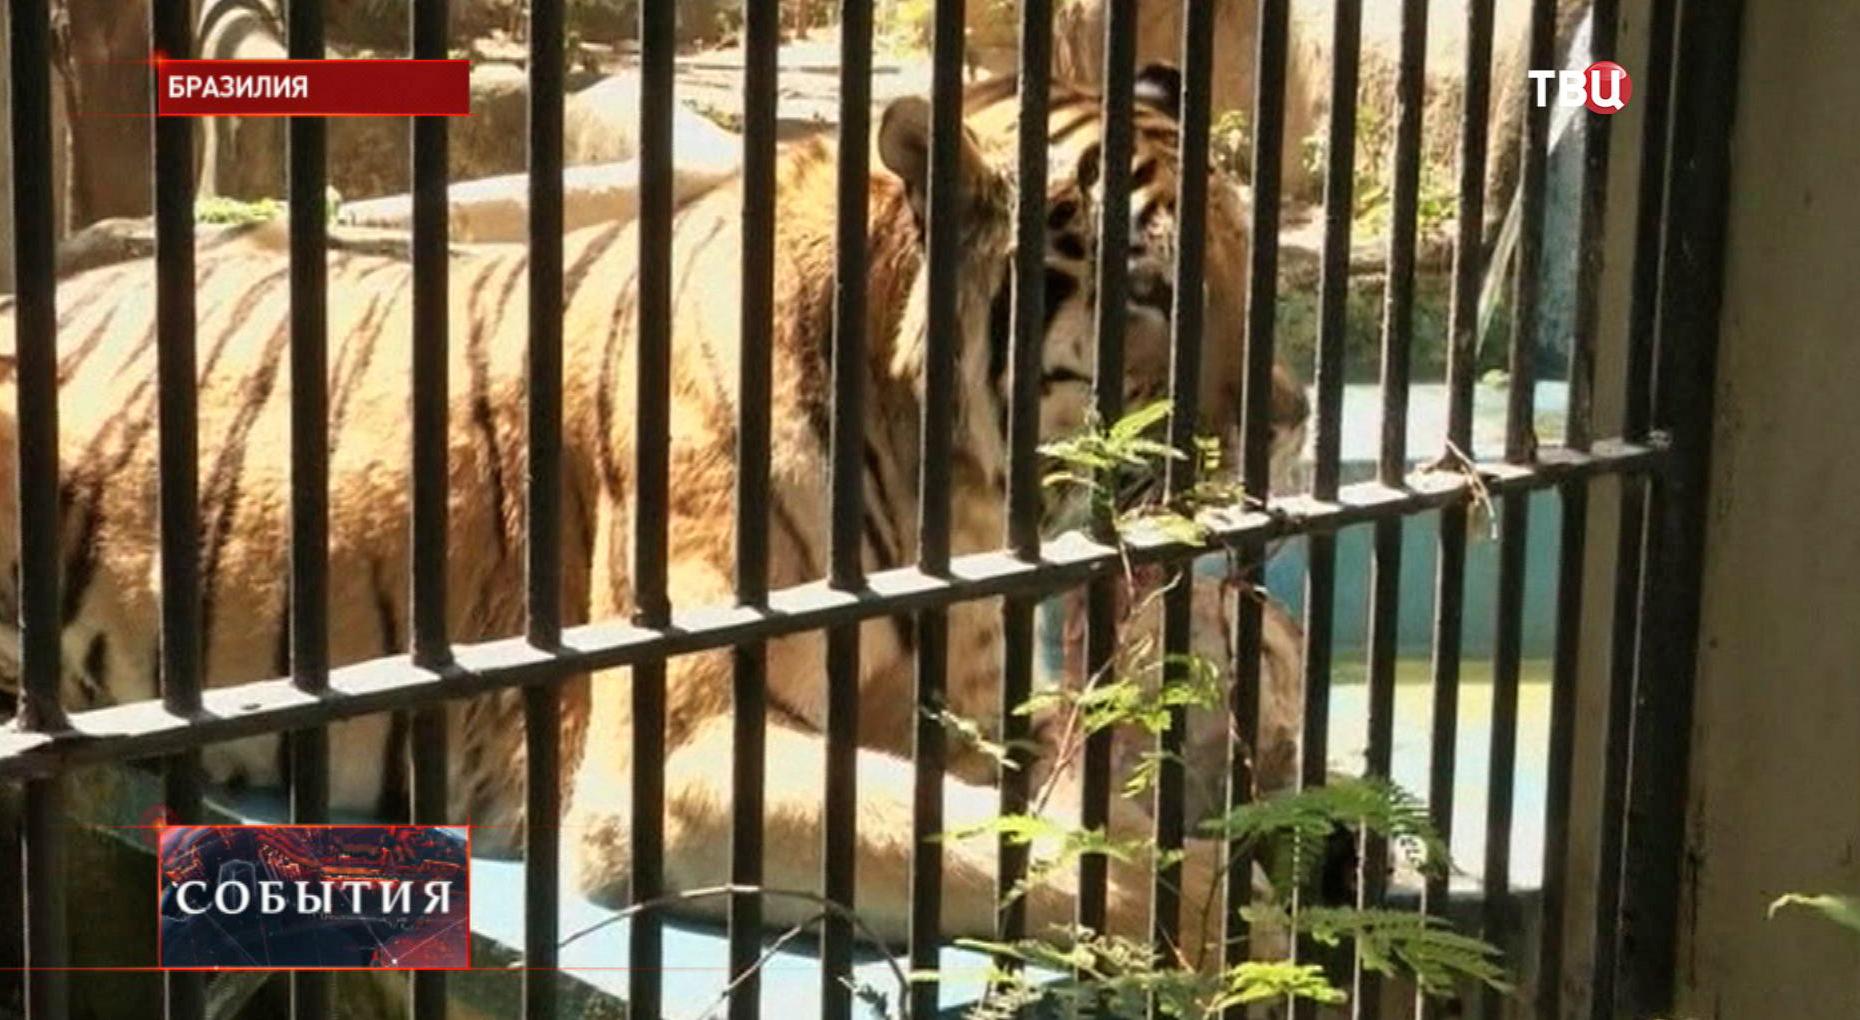 Зоопарк в Бразилии